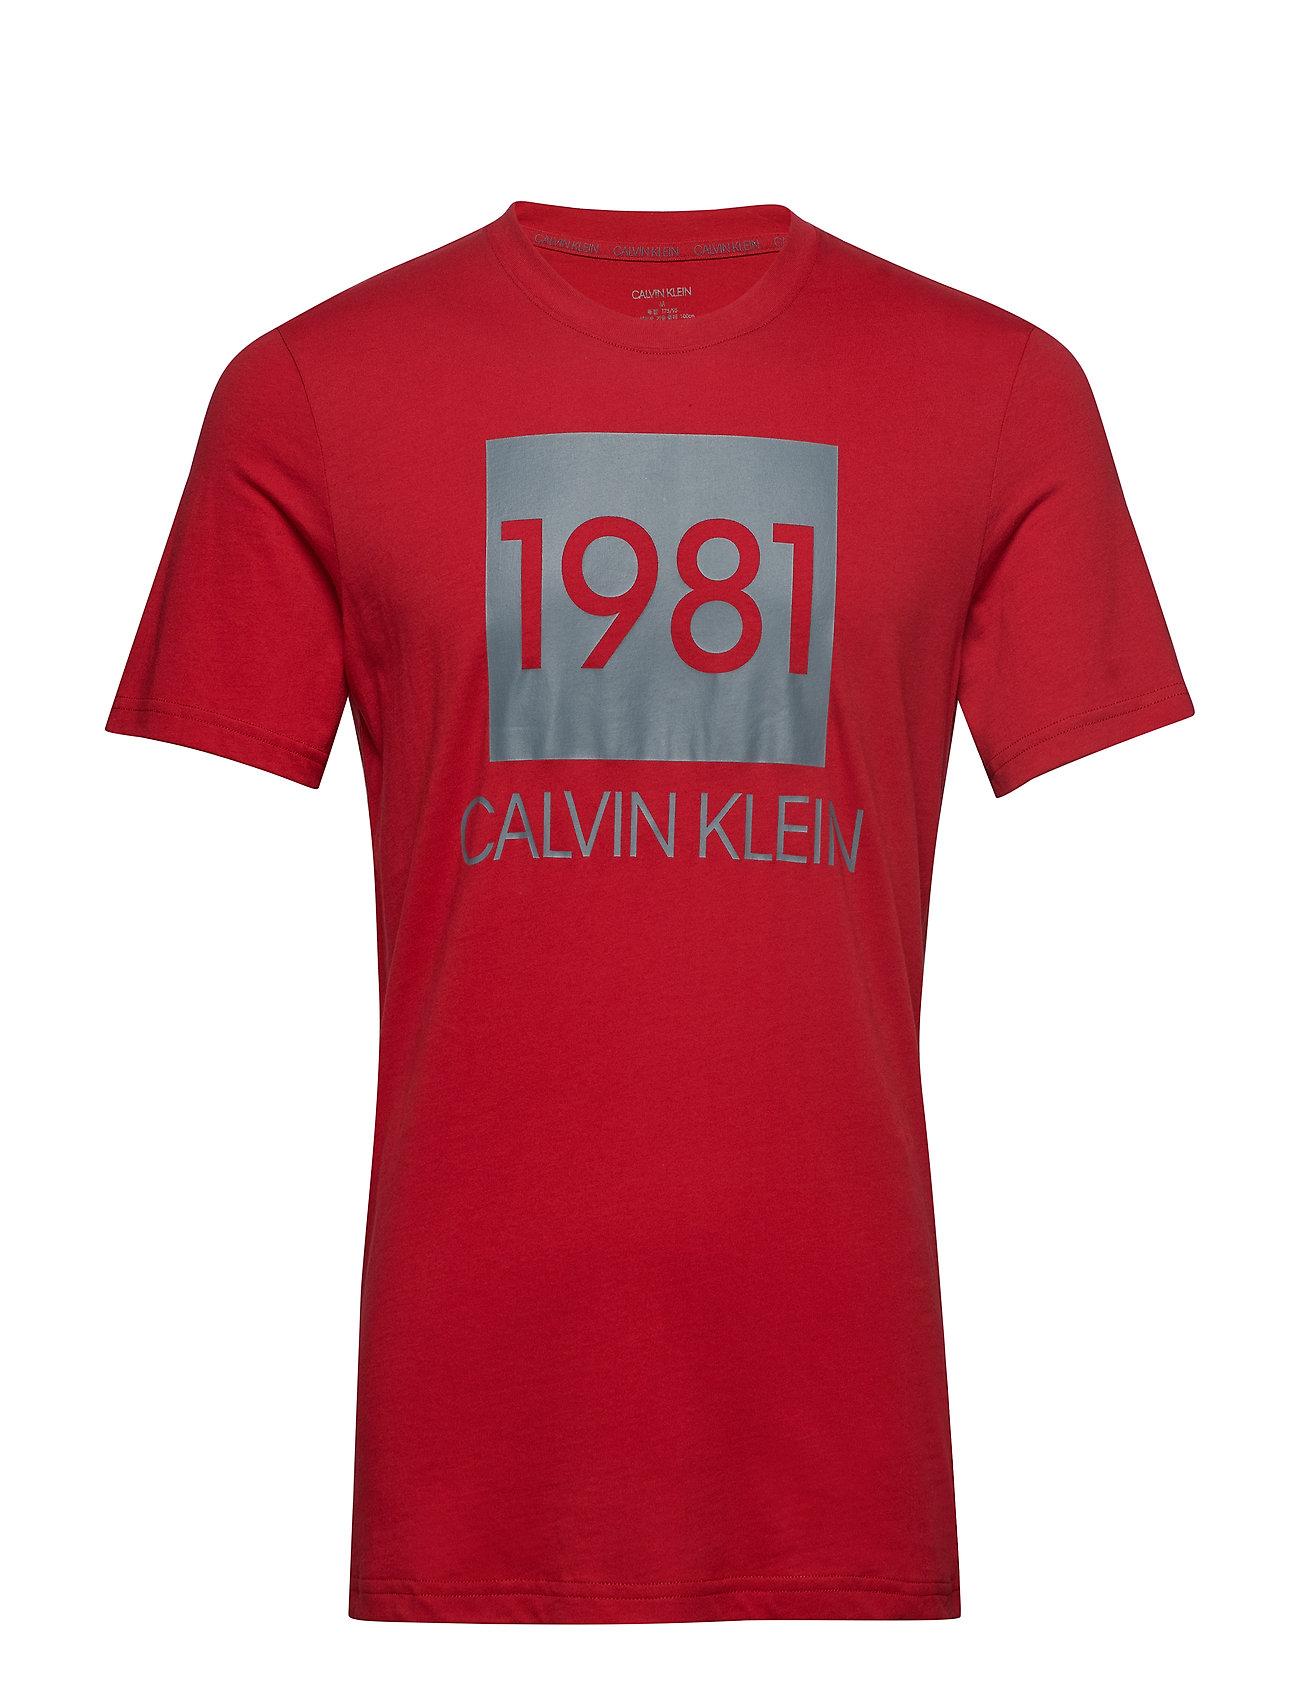 Calvin Klein S/S CREW NECK - CHILI PEPPER